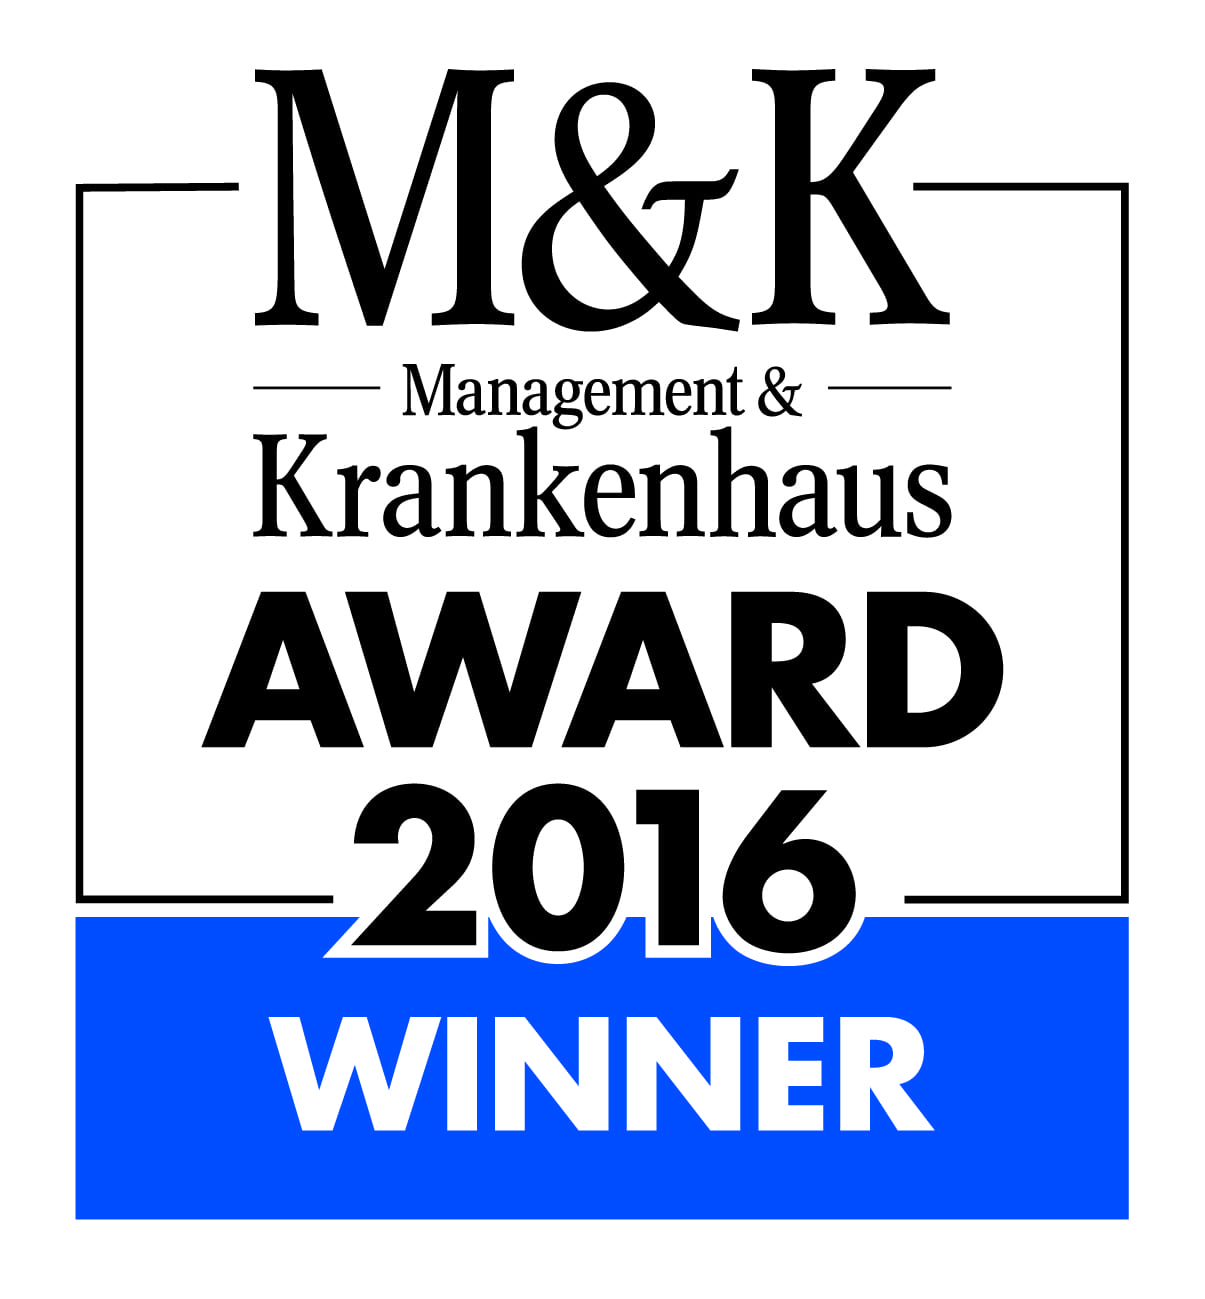 Award der M & K 2016